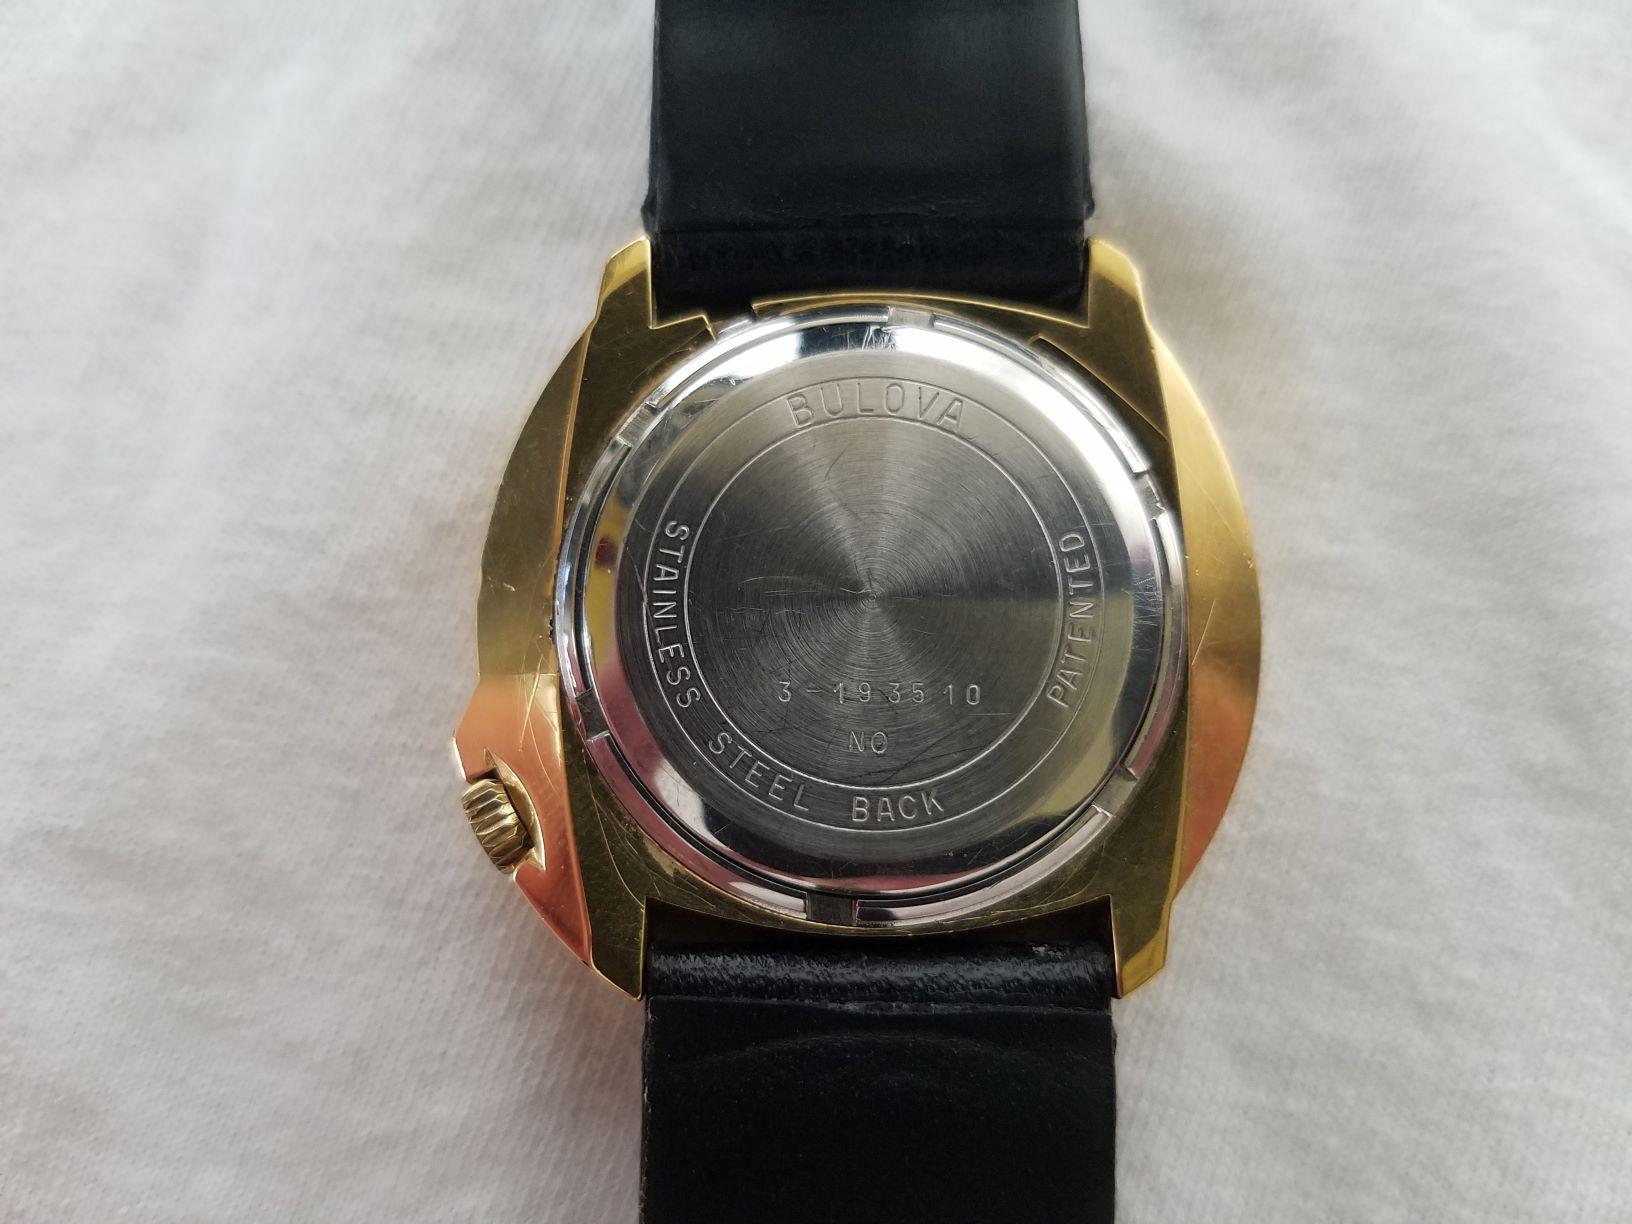 [field_year-1970] Bulova Watch Caseback